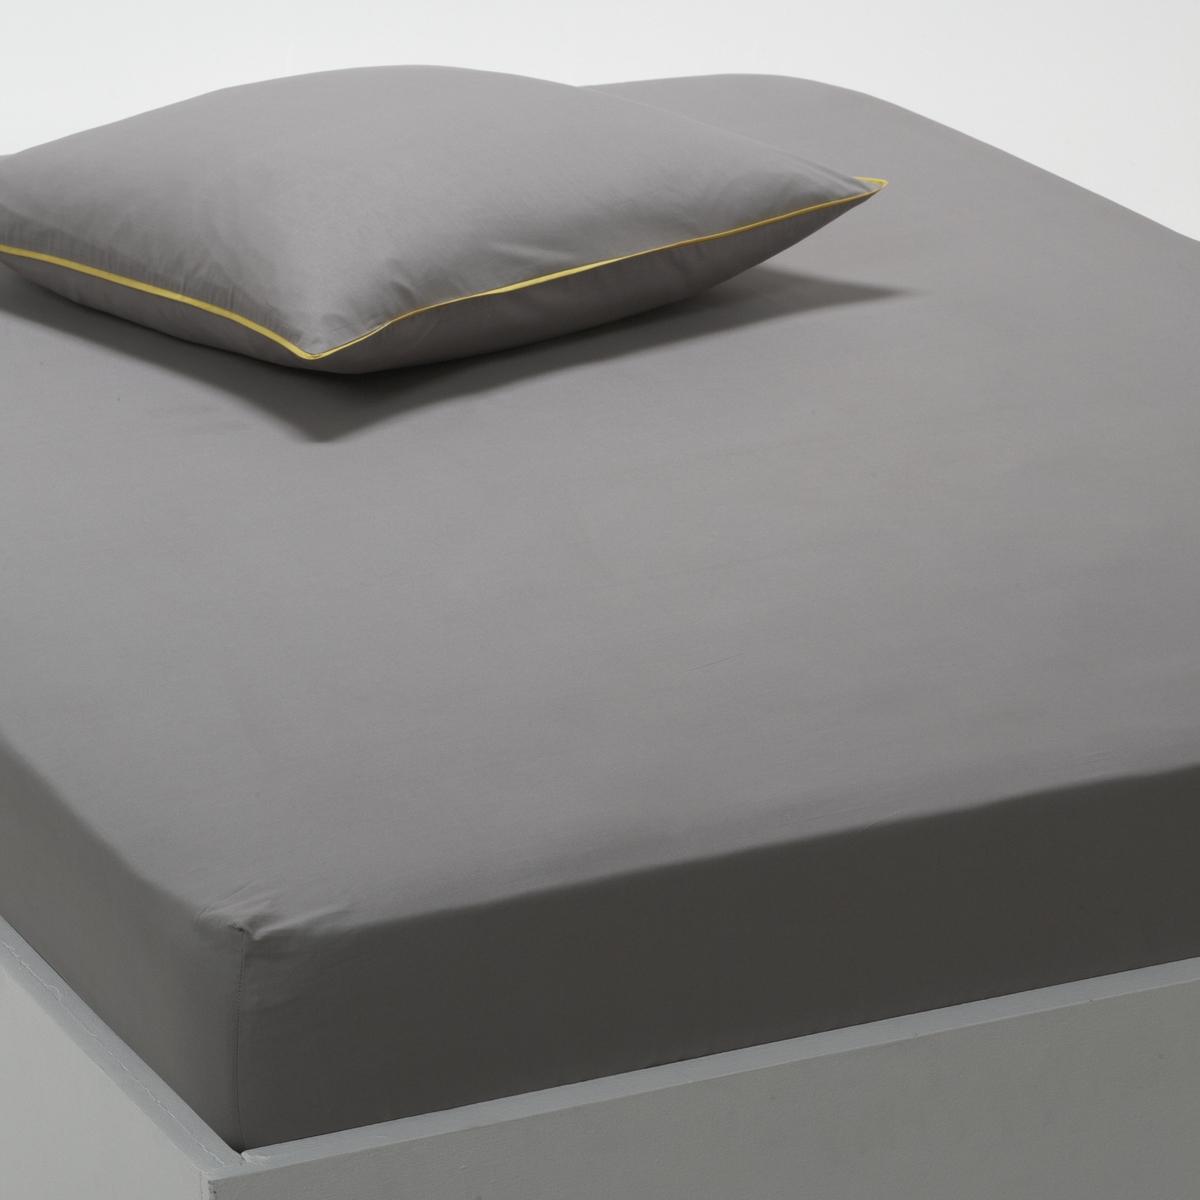 Натяжная простыня ДуэтКАЧЕСТВО BEST. Мягкая и прочная перкаль, 100% хлопка, с очень плотным переплетением нитей (70 нитей/см?). Стирка при 60°. Размеры: 90 x 190 см : 1-сп. 140 x 190 см : 2-сп. 160 x 200 см : 2-сп.<br><br>Цвет: Рисунок сине-зеленый